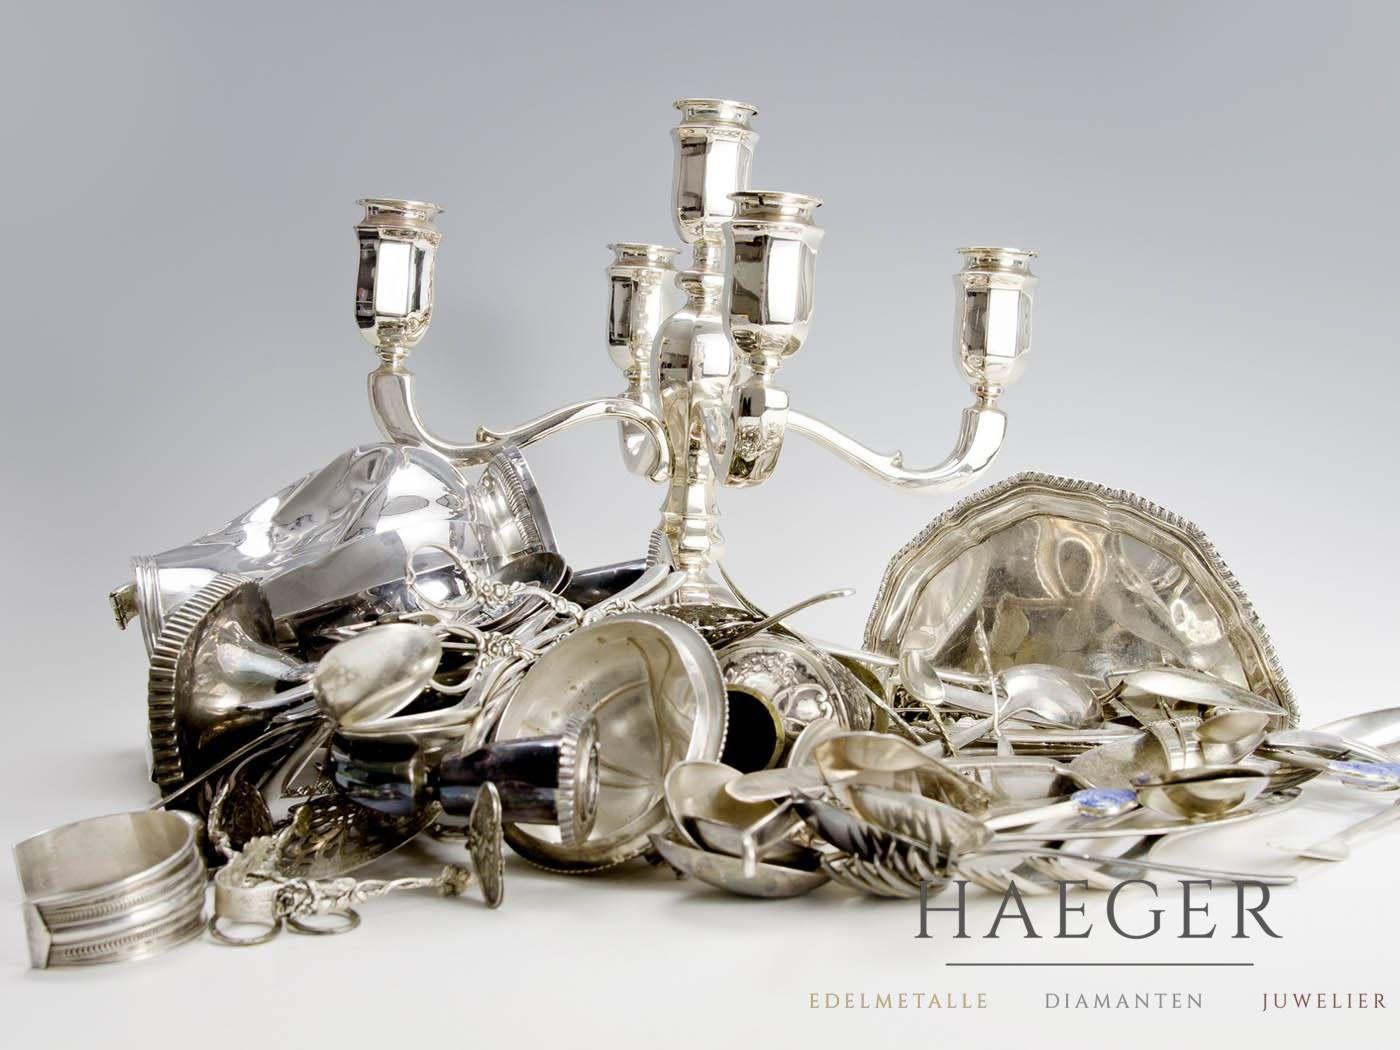 Silber Verkaufen Bei Der Haeger Gmbh Silber Silbermünzen Silberbesteck